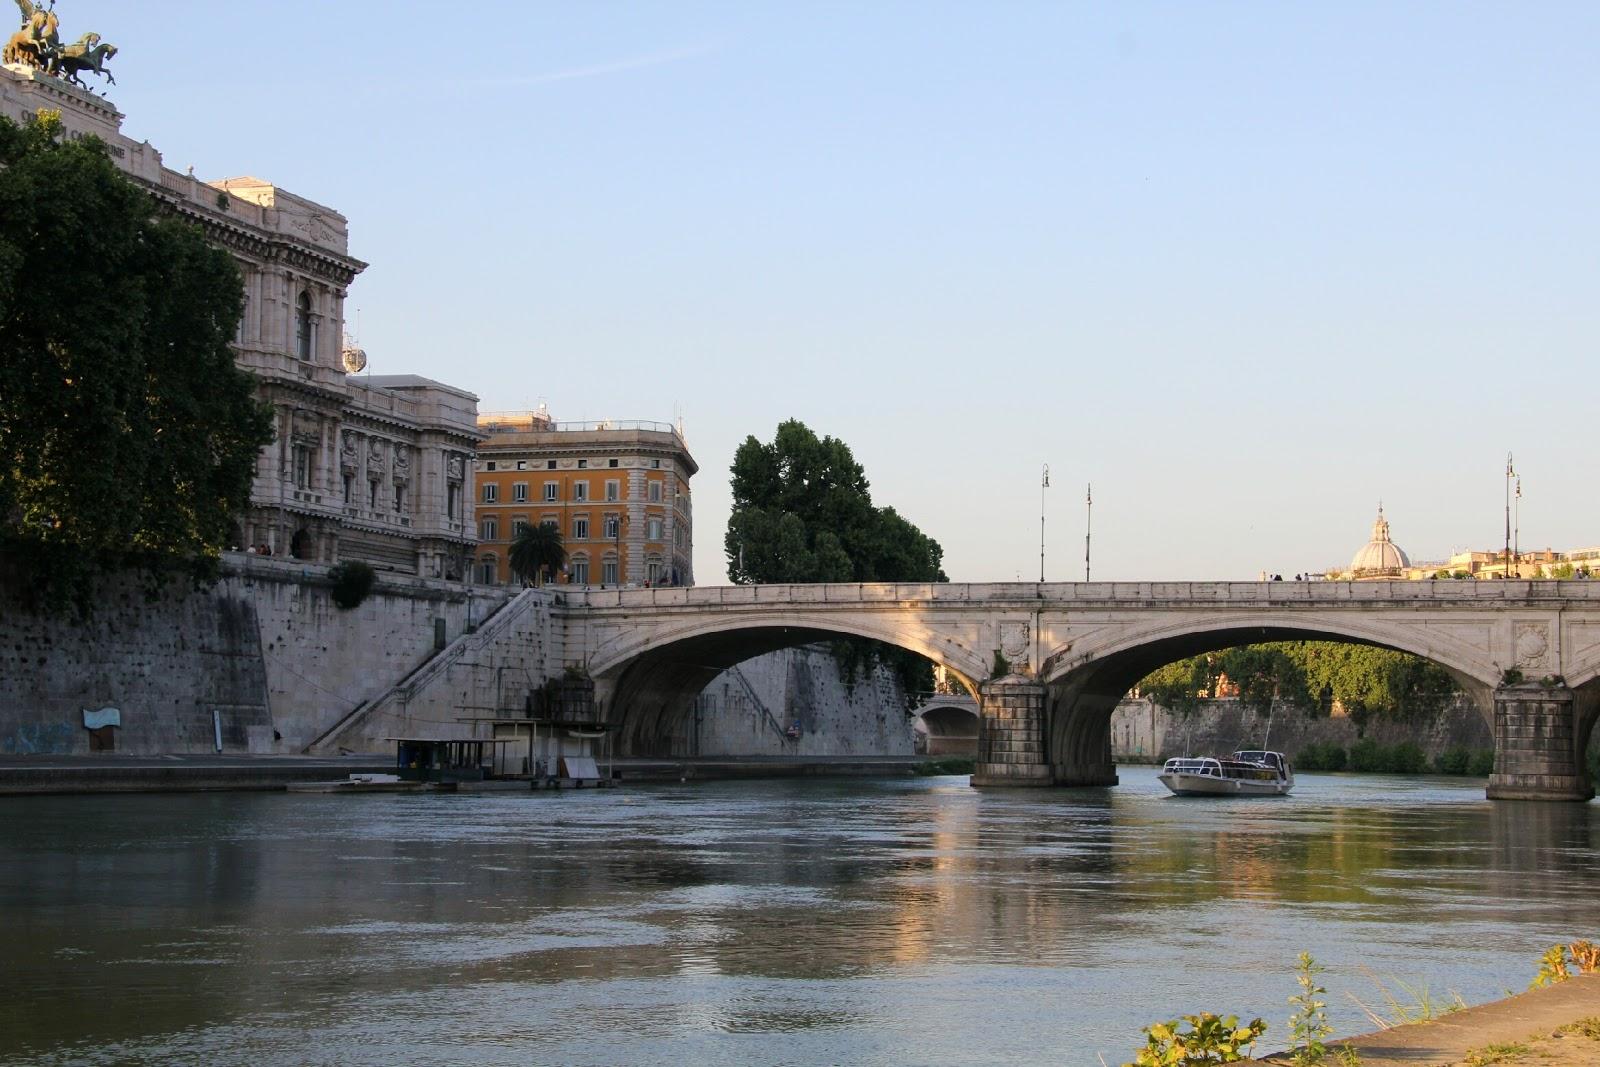 Joki Rooman Halki